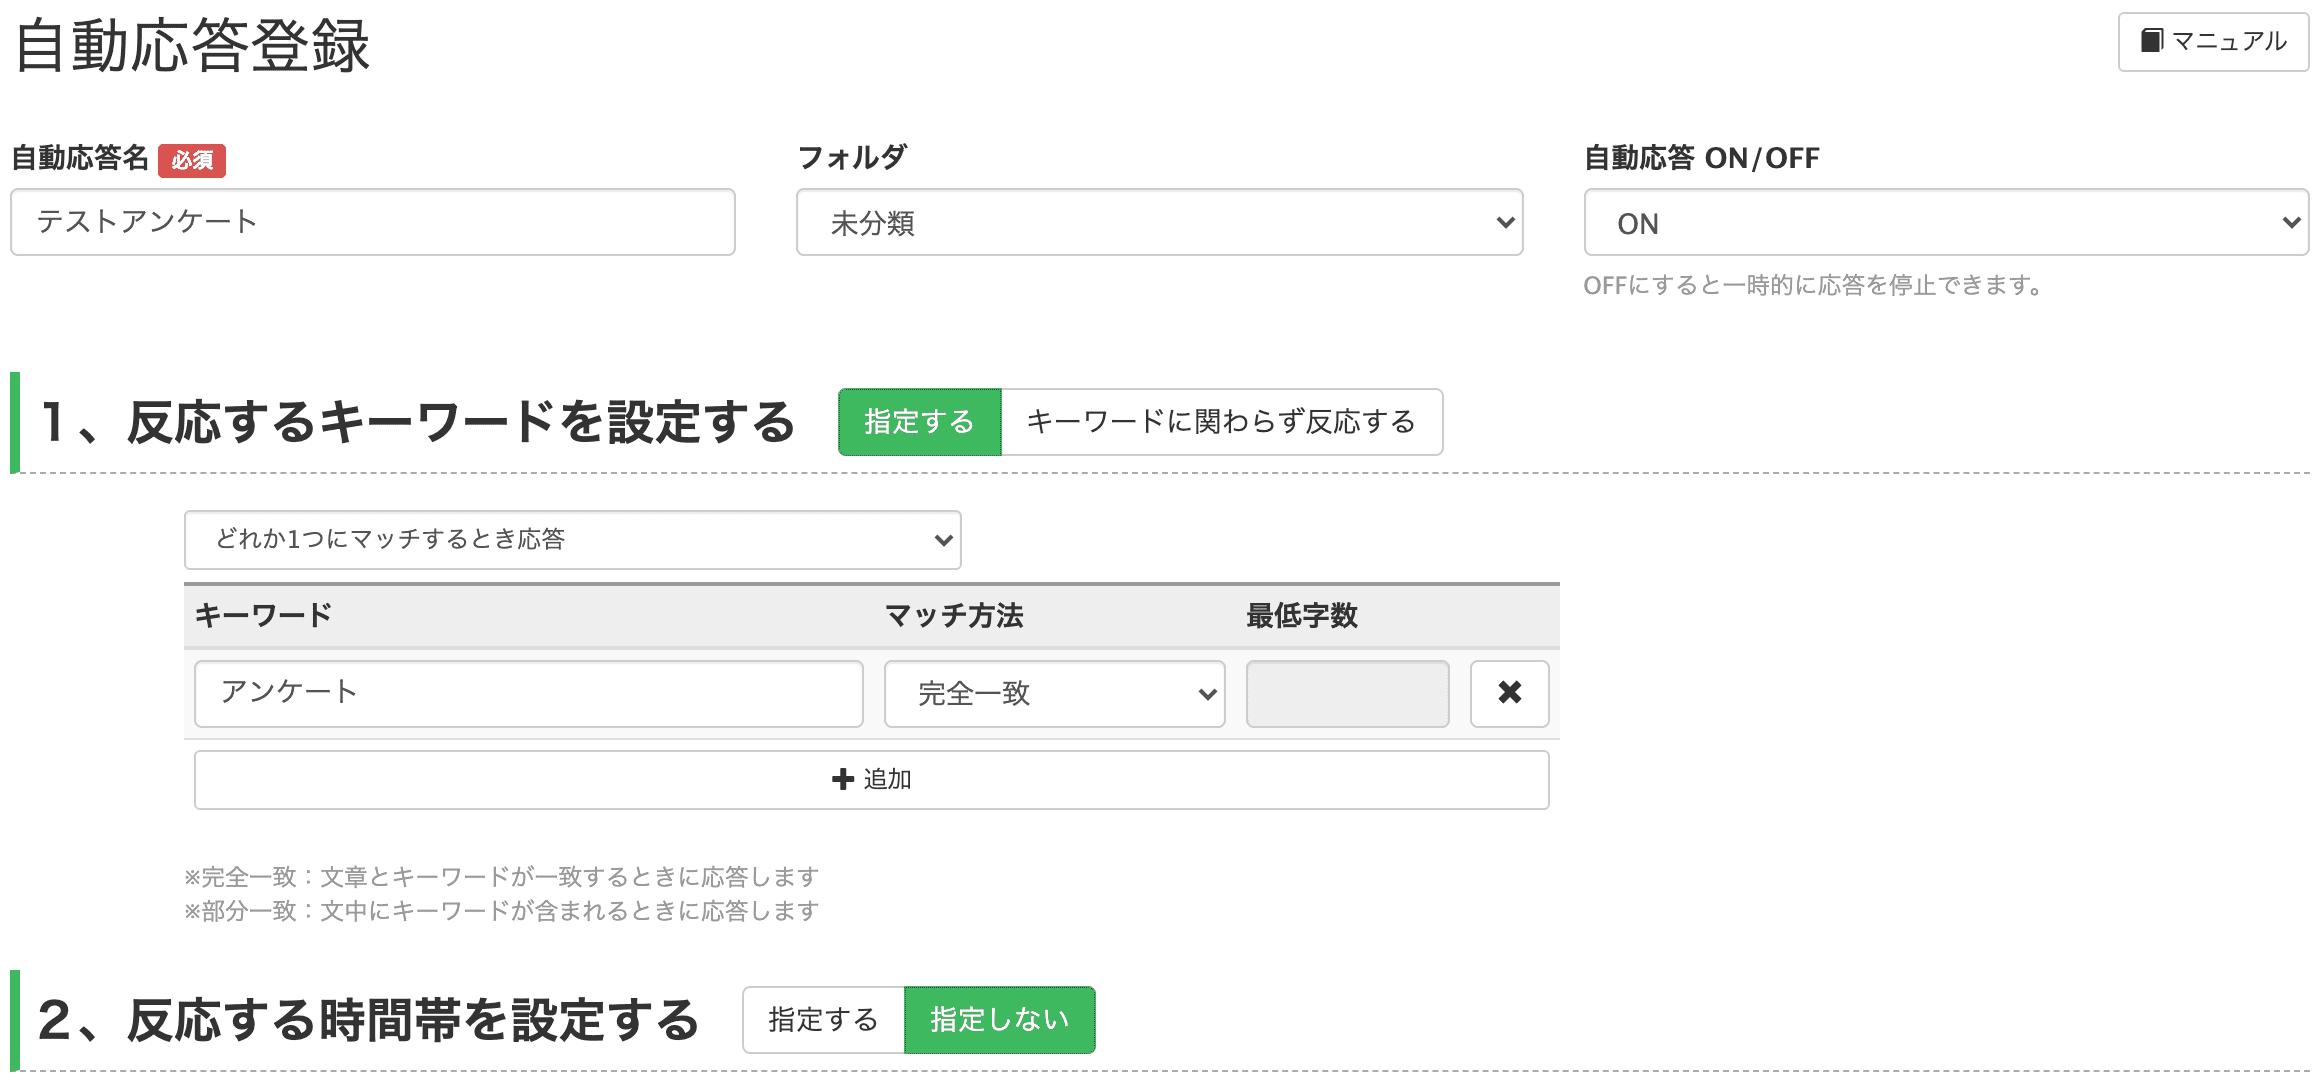 自動応答登録設定